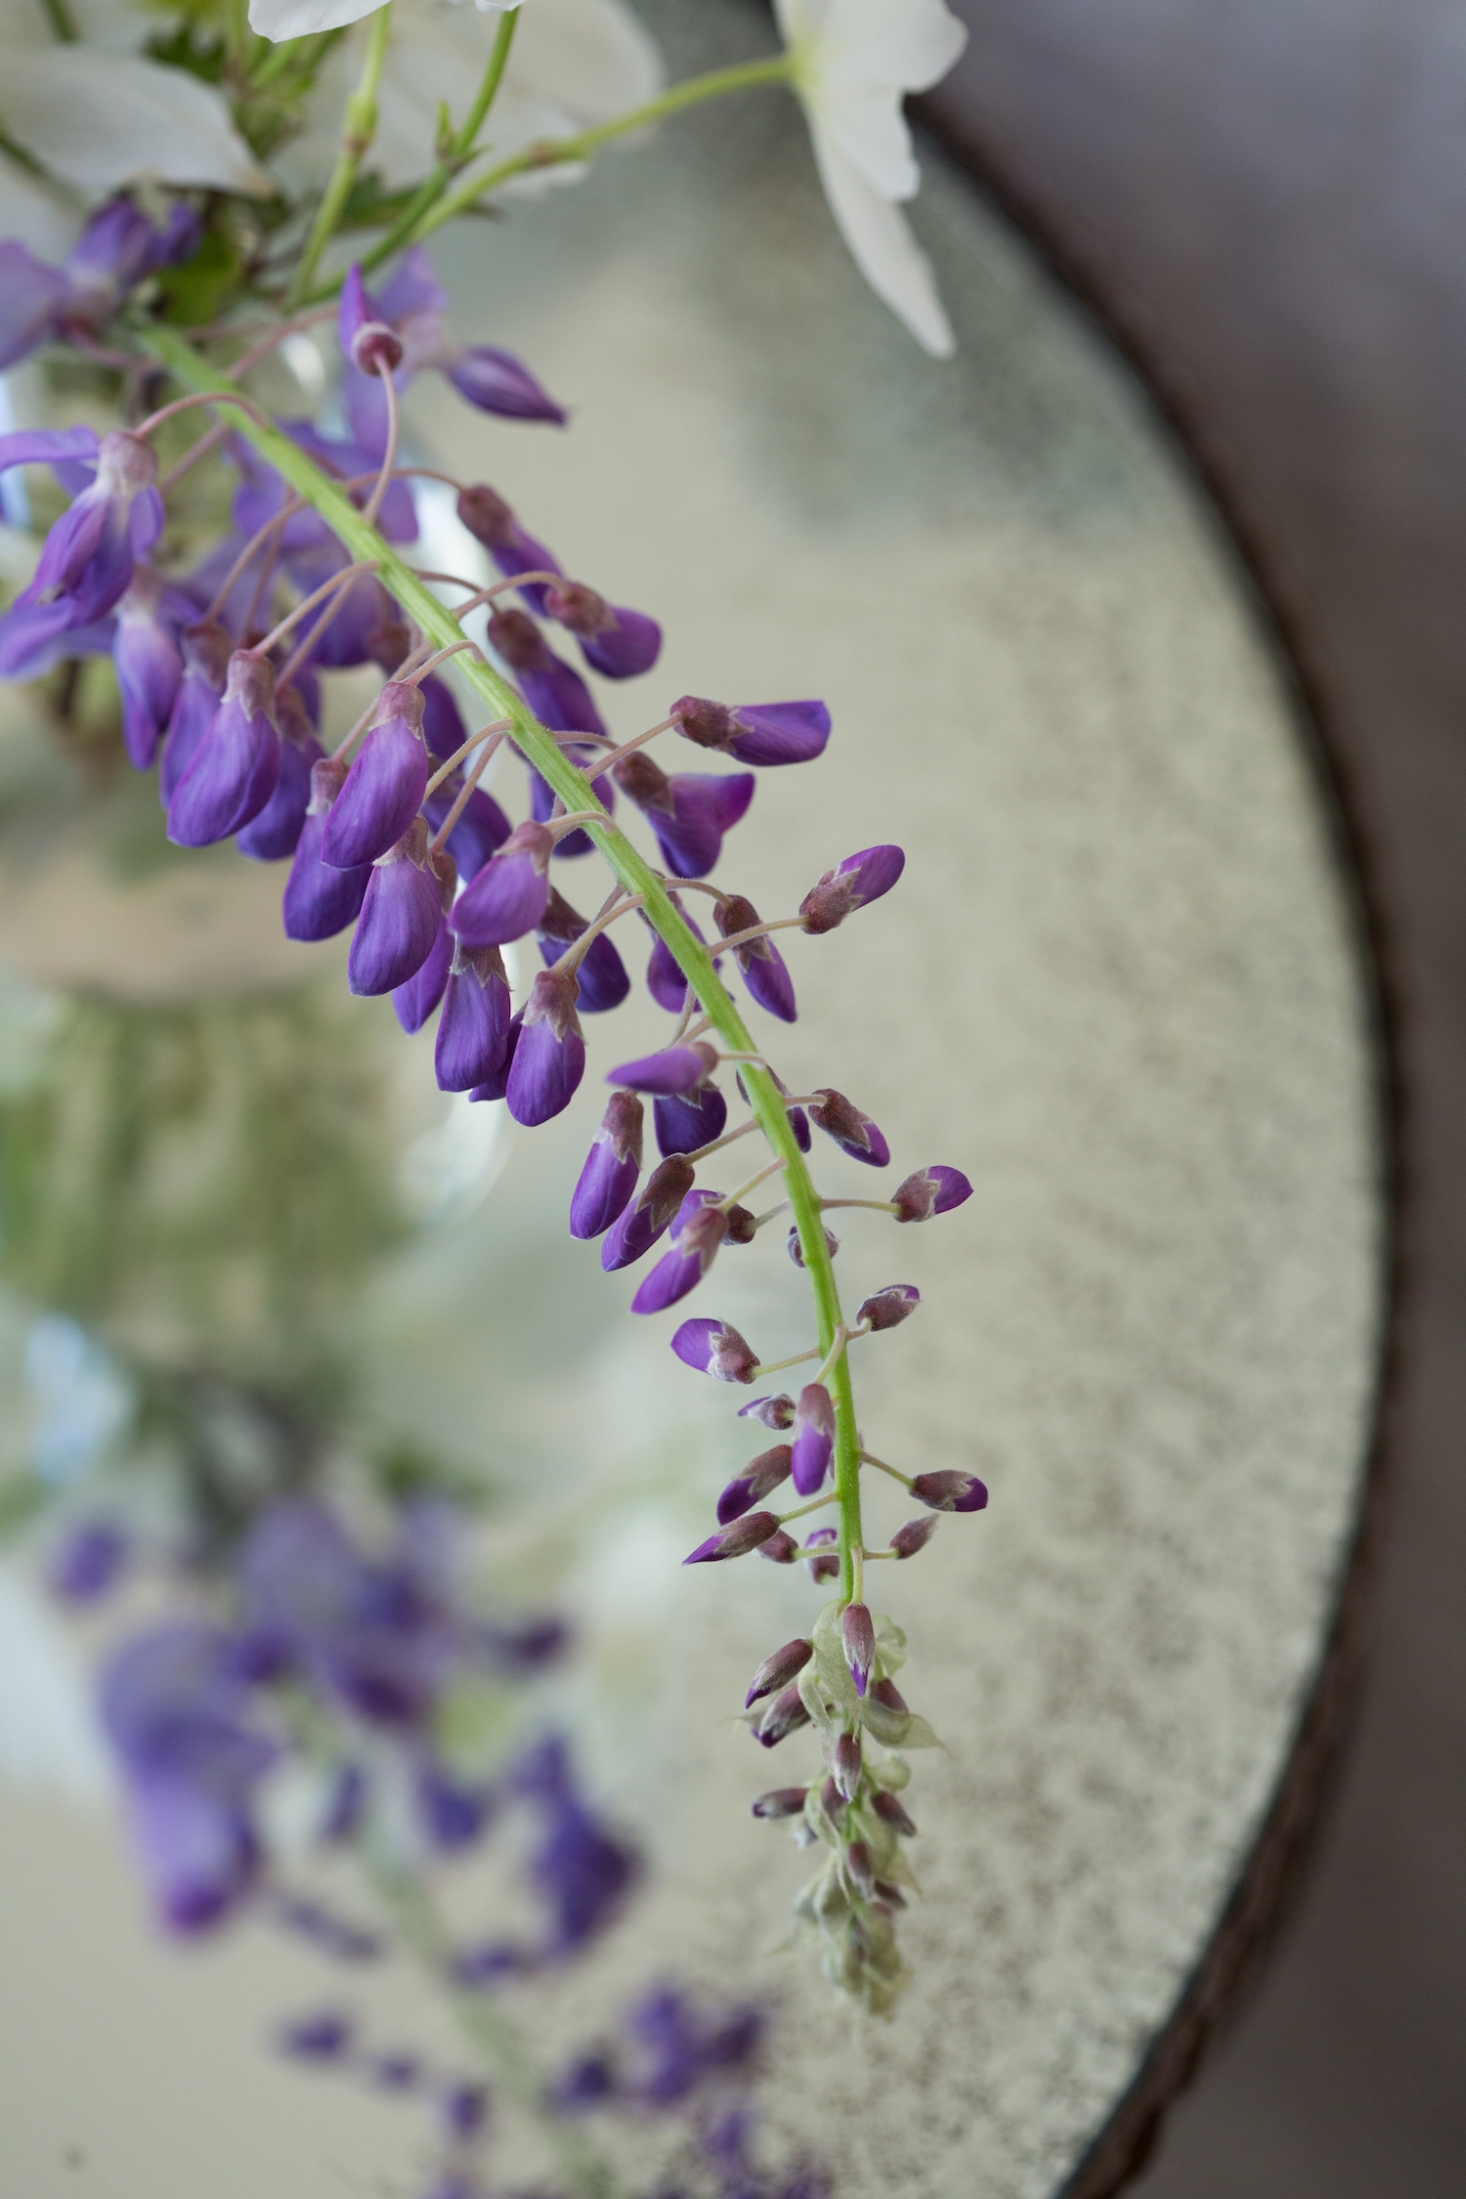 wisteria-mimi-giboin-064-1466x2199.jpg